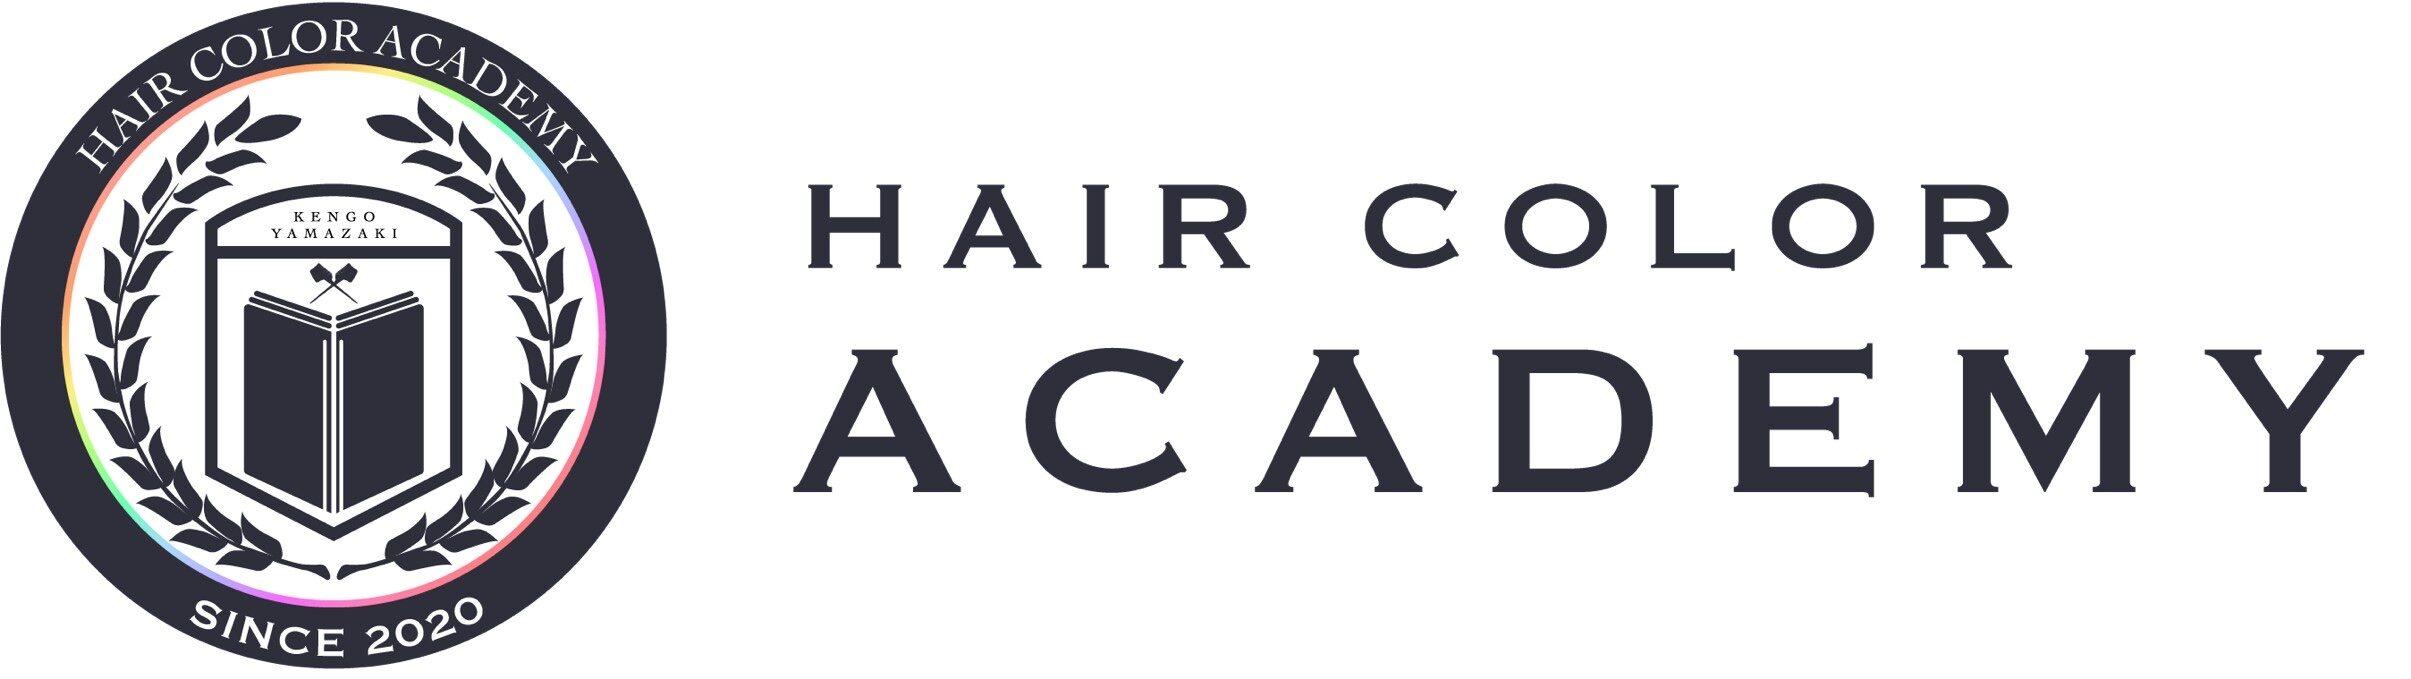 HAIR COLOR ACADEMY